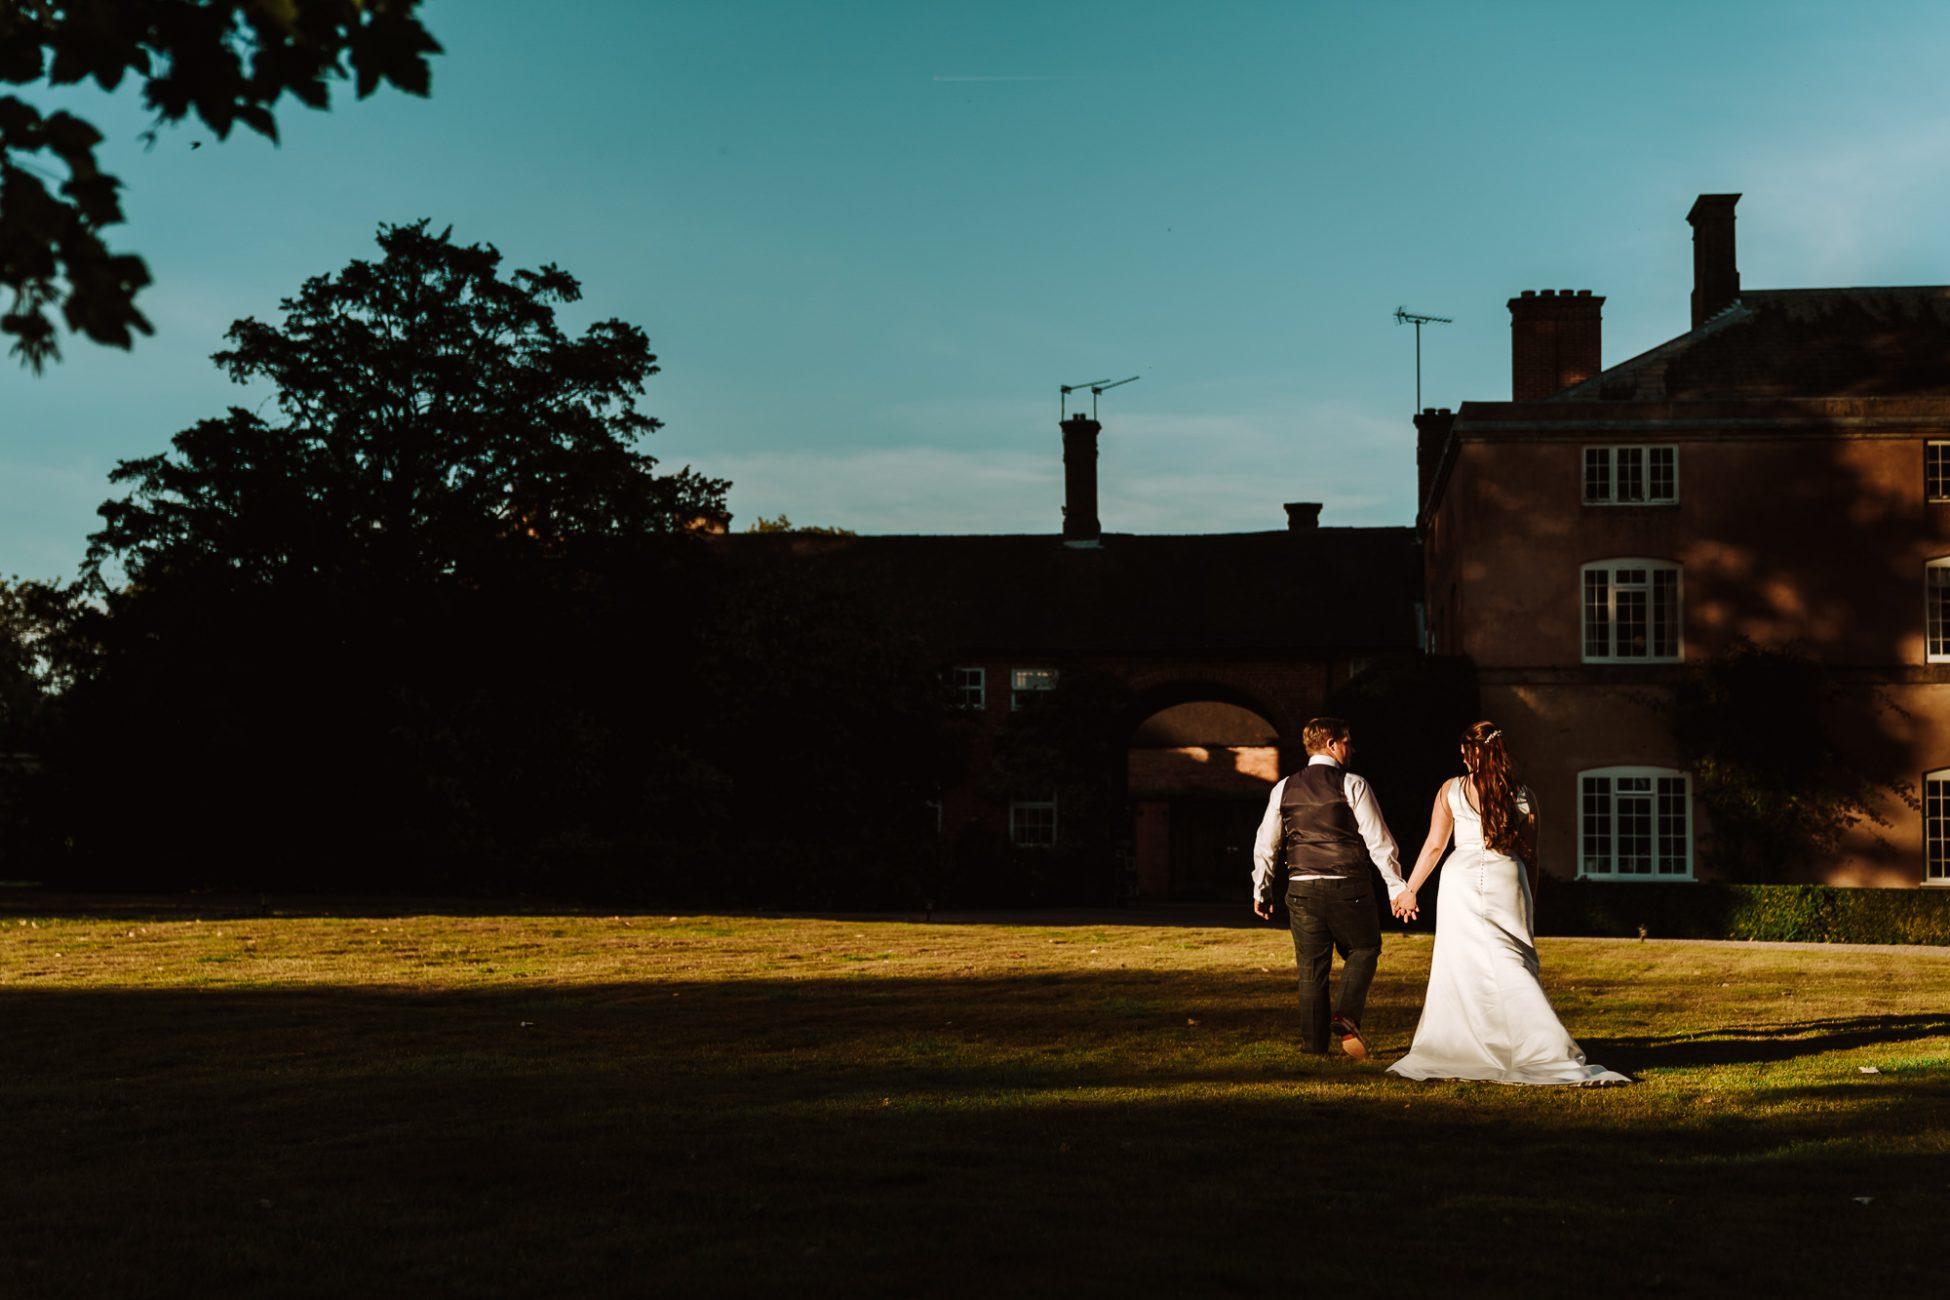 Yeldersley Hall Wedding Photography in the Summer